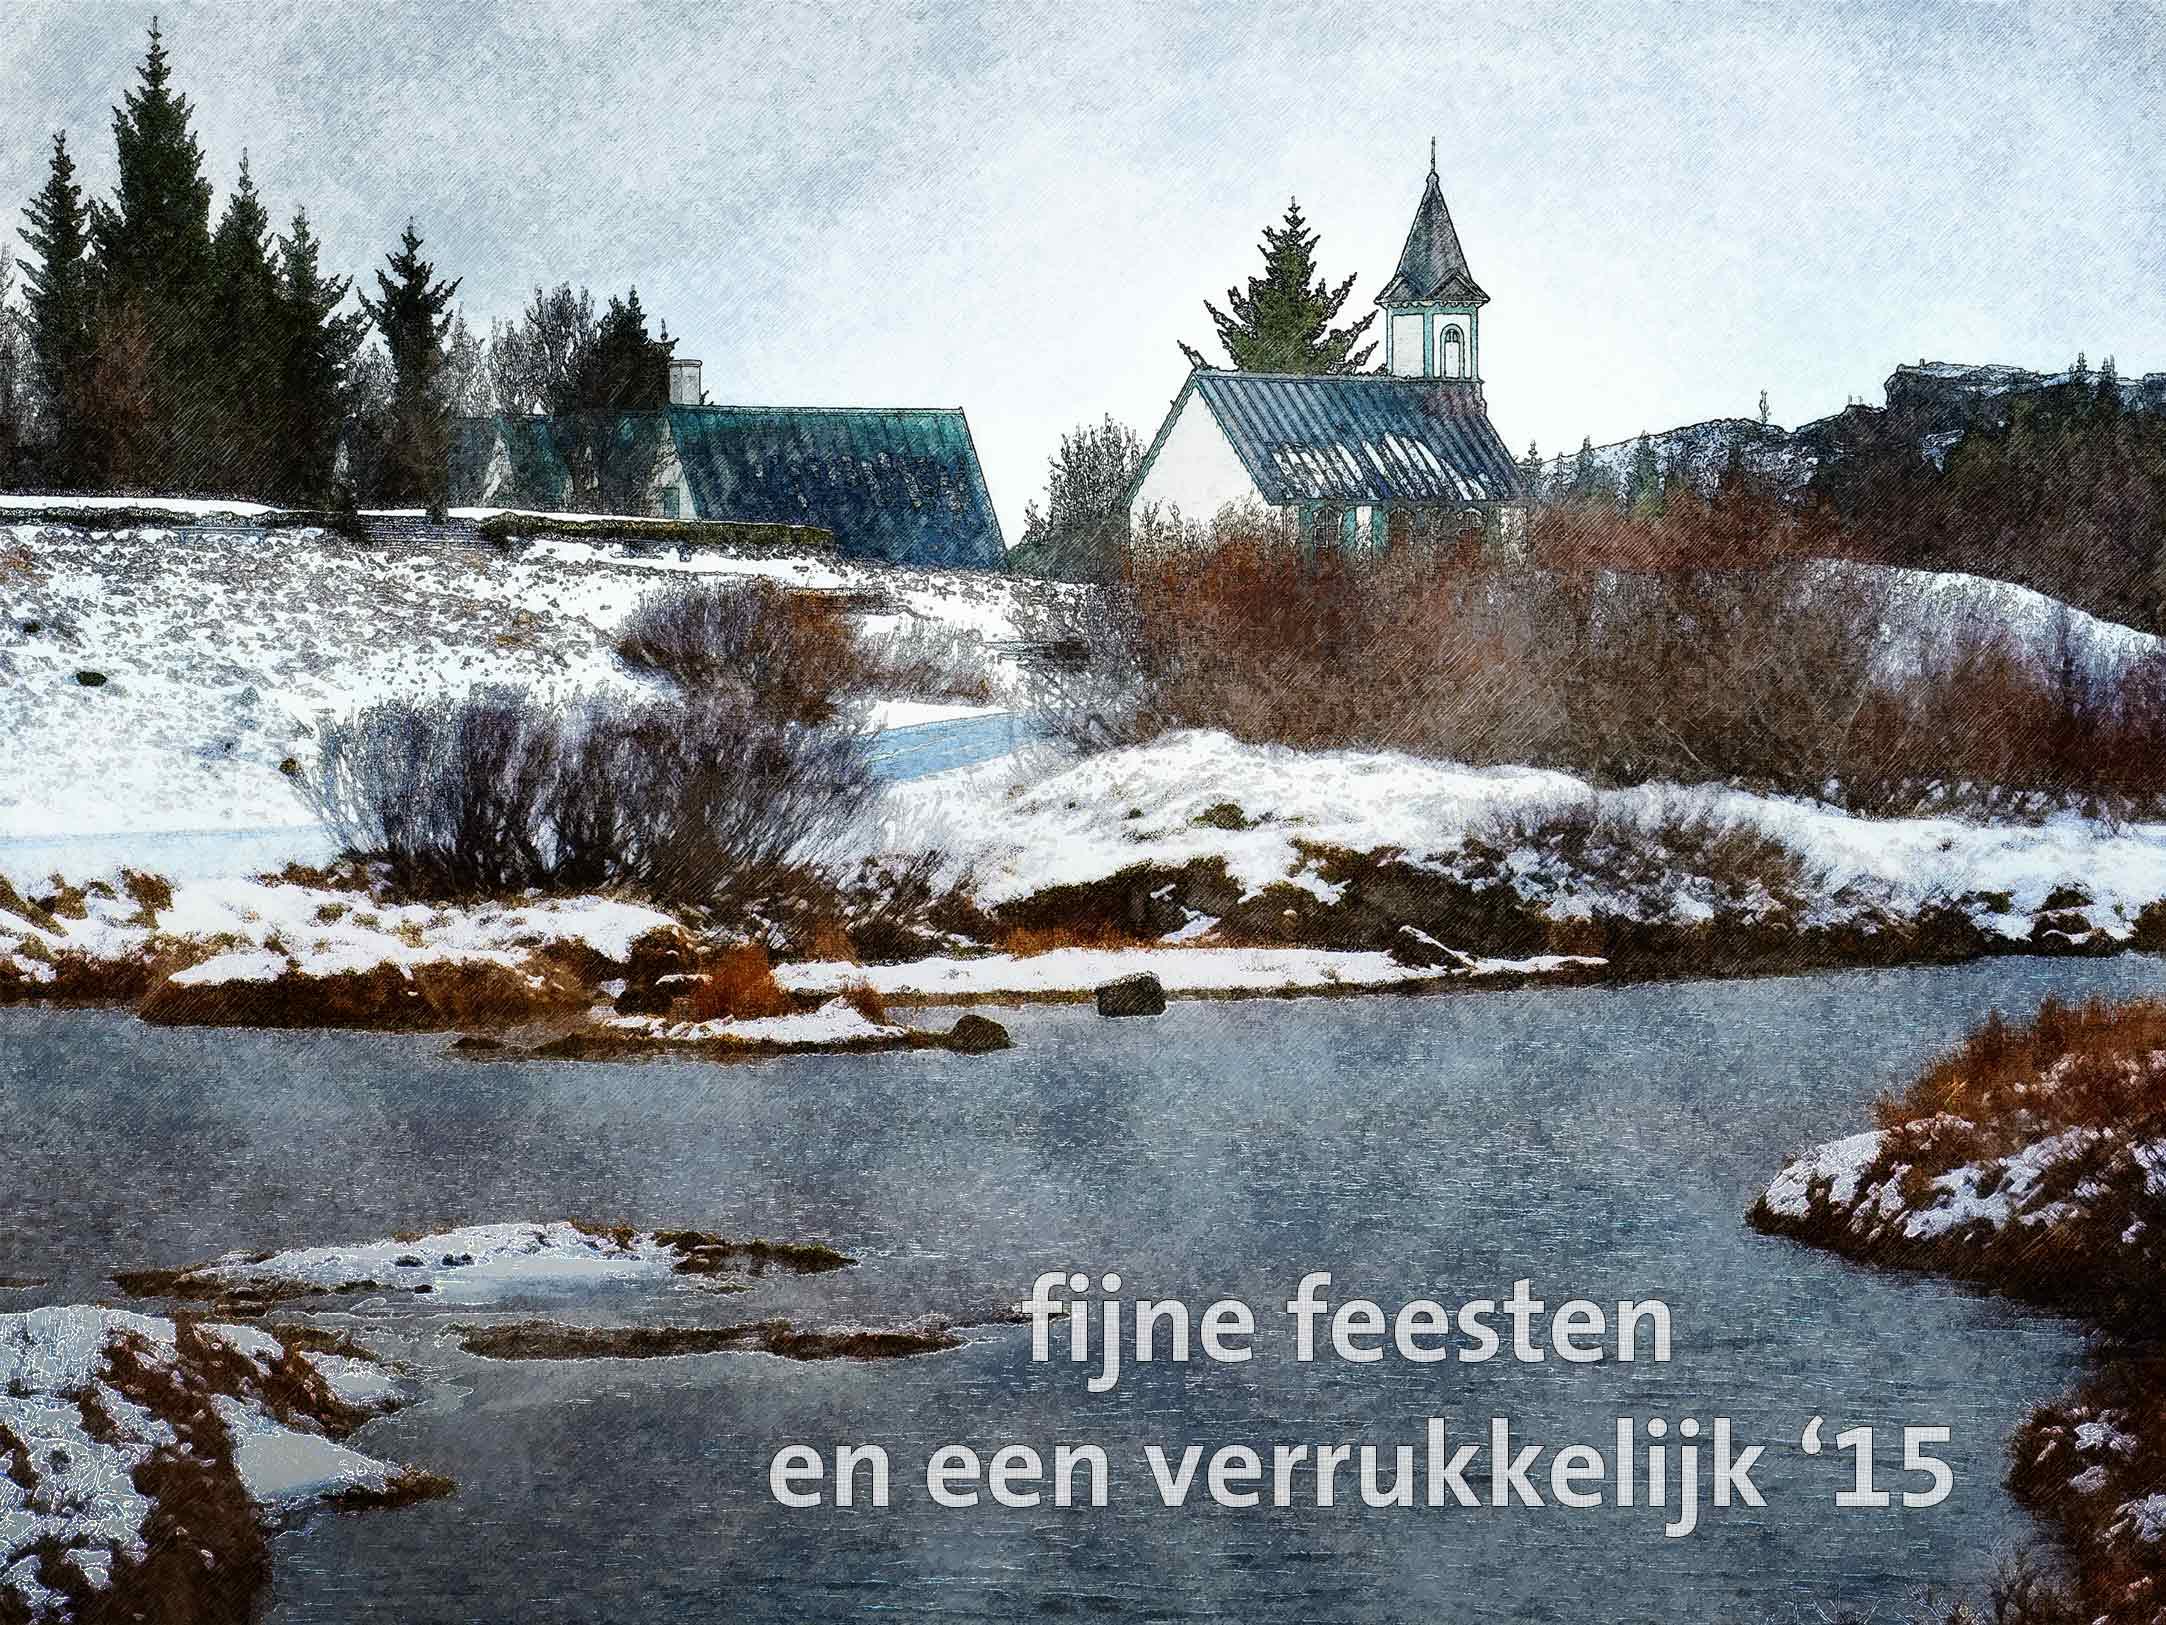 Kerstkaart met schilderachtig beeld van een kerkje in het winterlandschap in nationaal park Thingvellir in IJsland